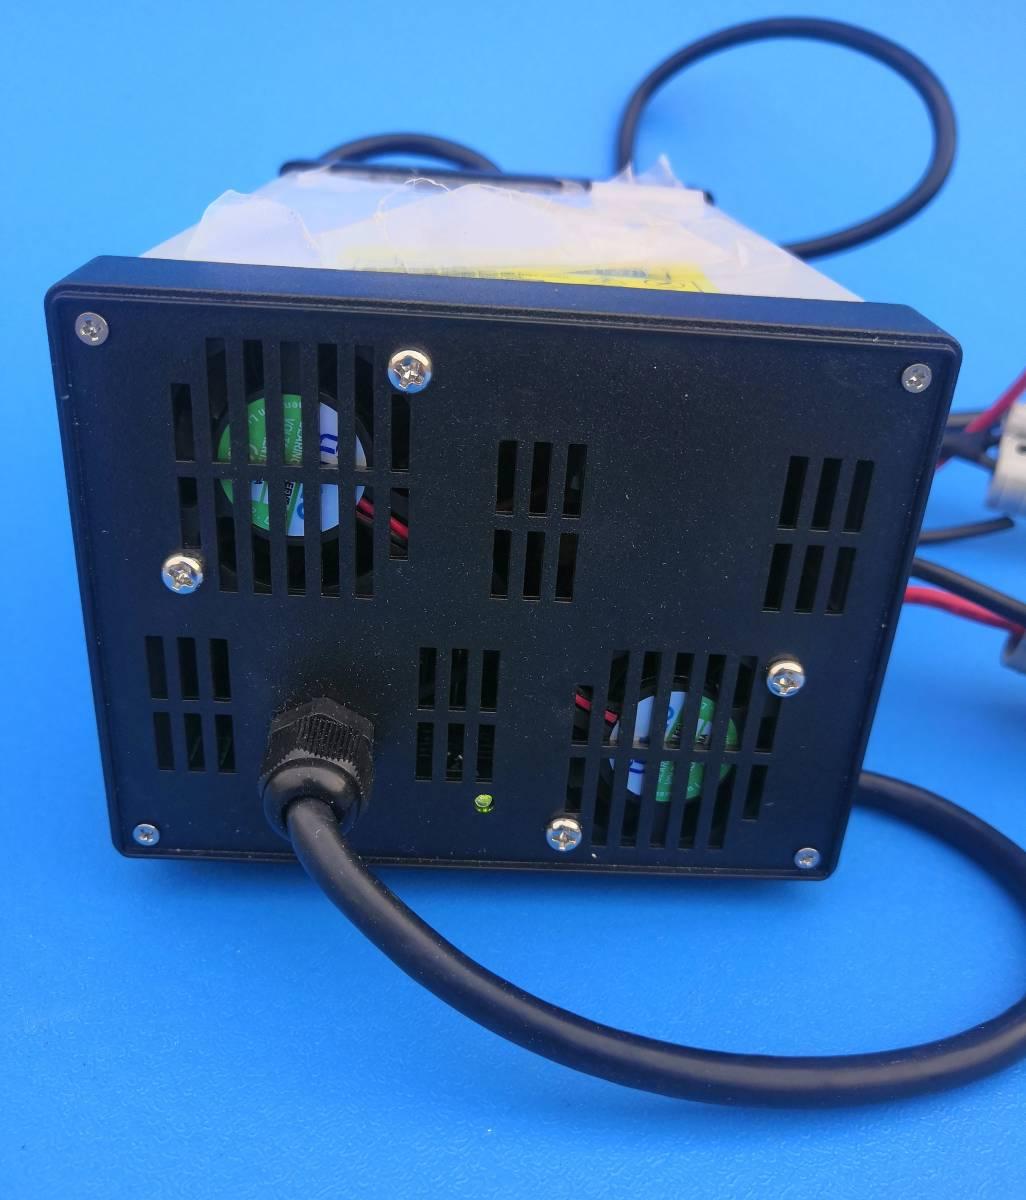 鉛バッテリー6本直列充電器コムスのバッテリー充電に充電器故障したコムスへの充電に使えます_画像7